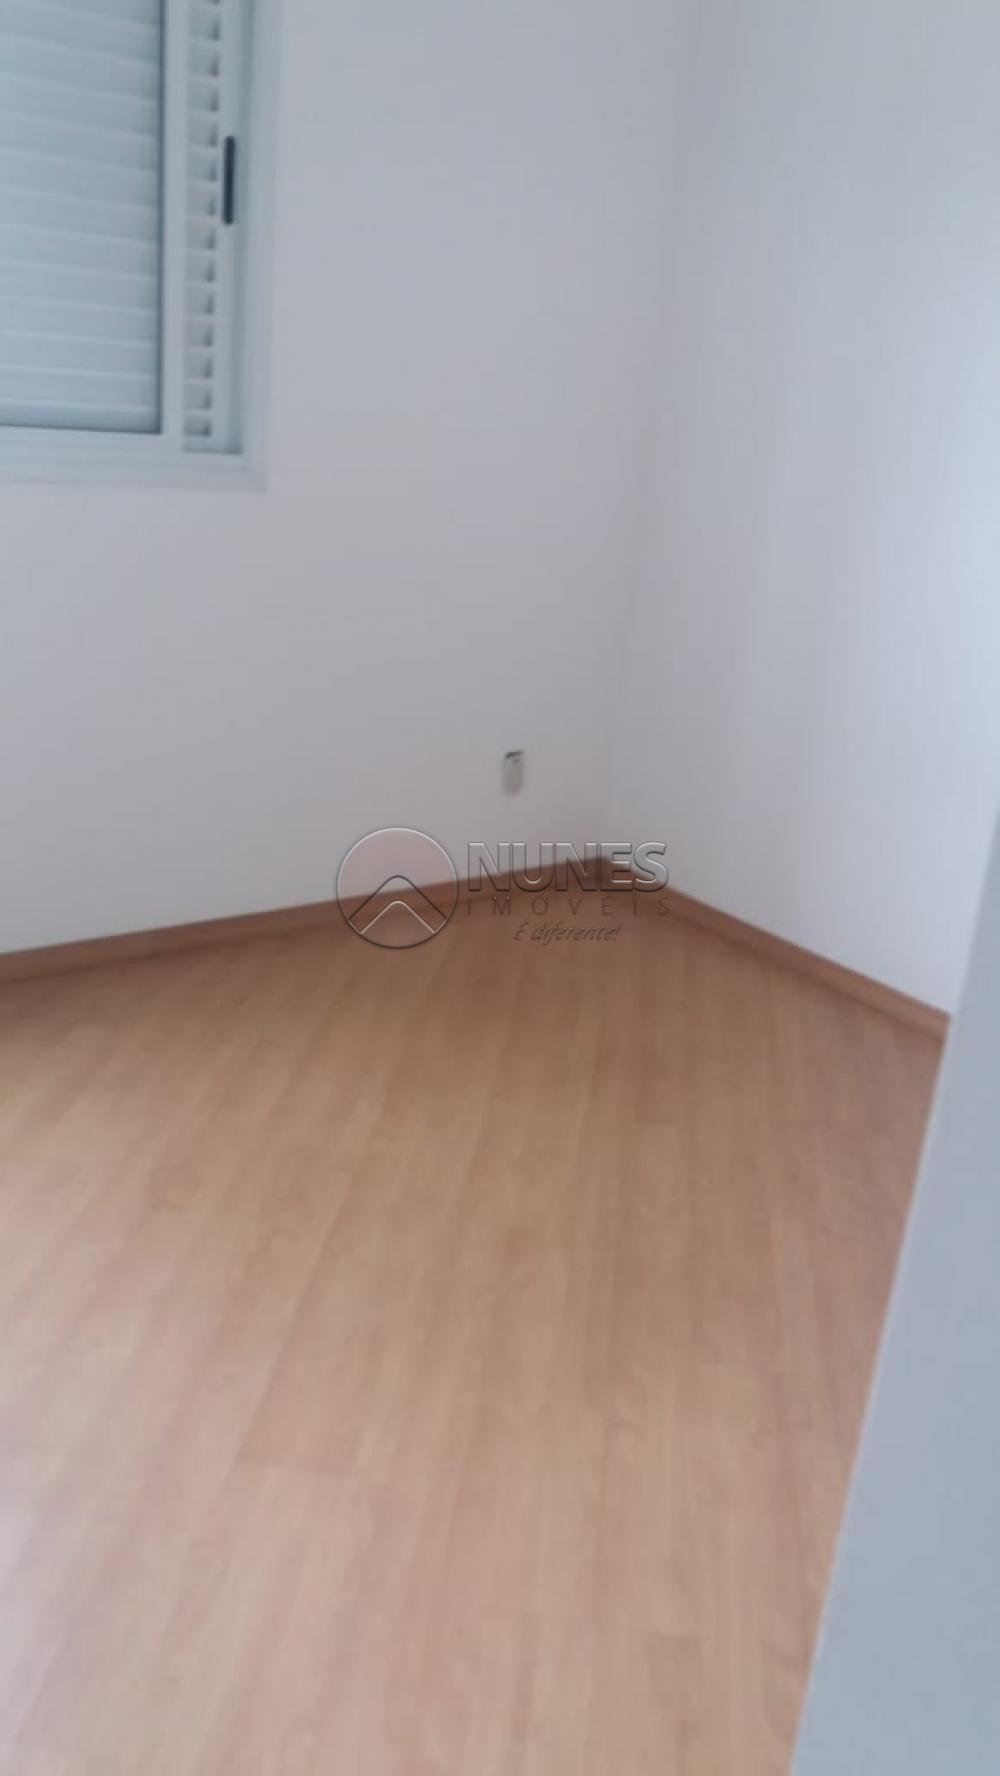 Comprar Apartamento / Padrão em São Paulo apenas R$ 640.000,00 - Foto 22